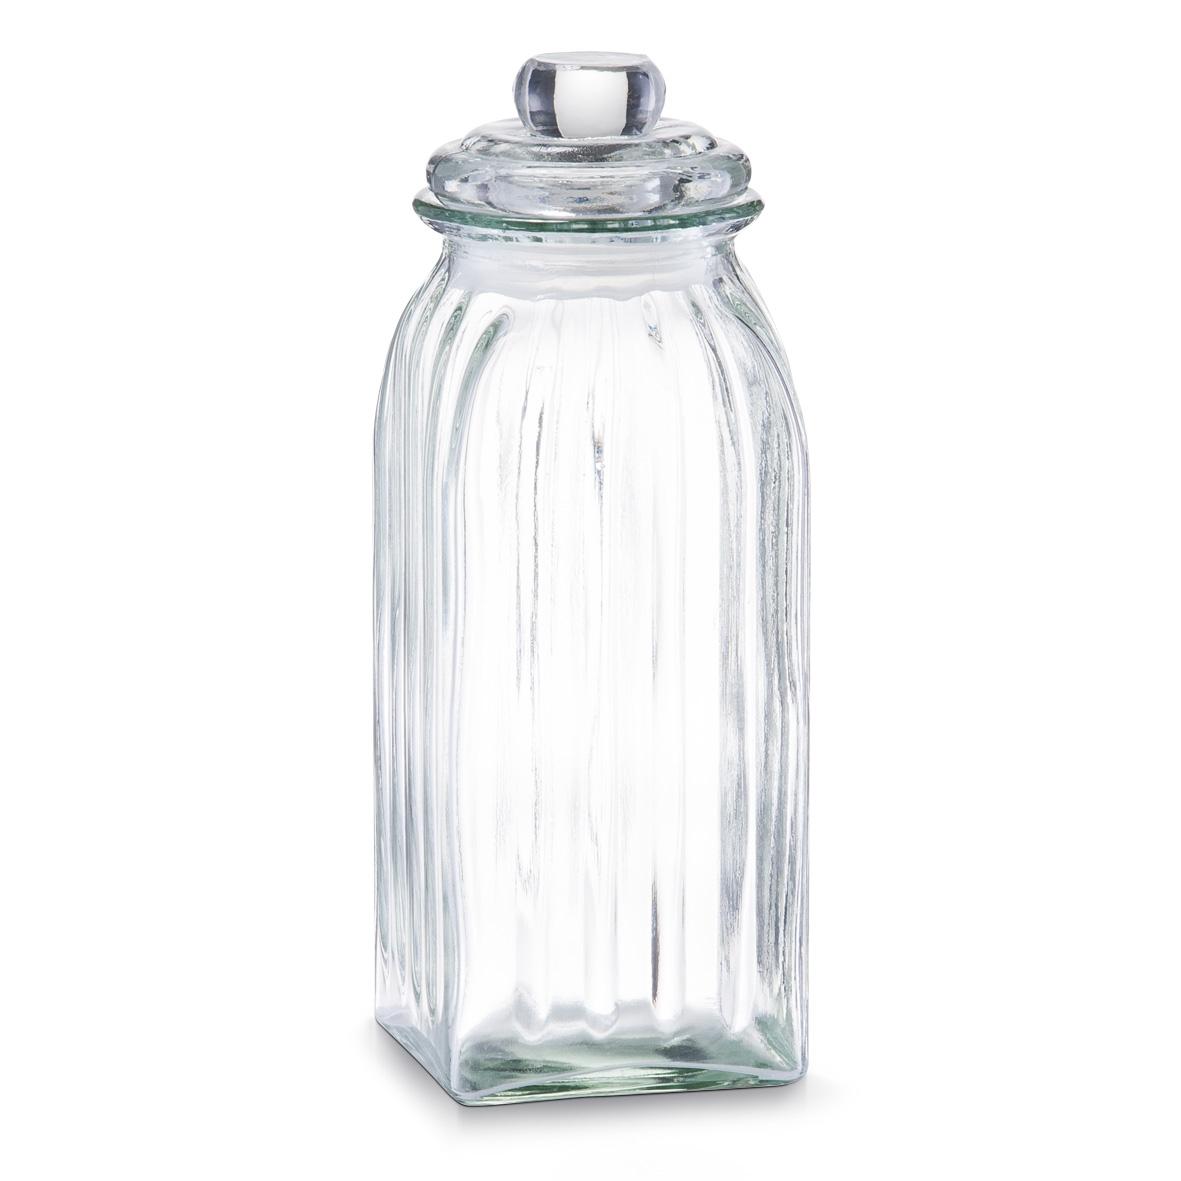 Borcan pentru depozitare din sticla Square, capac etans, 1500 ml, l10,5xA10,5xH28,5 cm